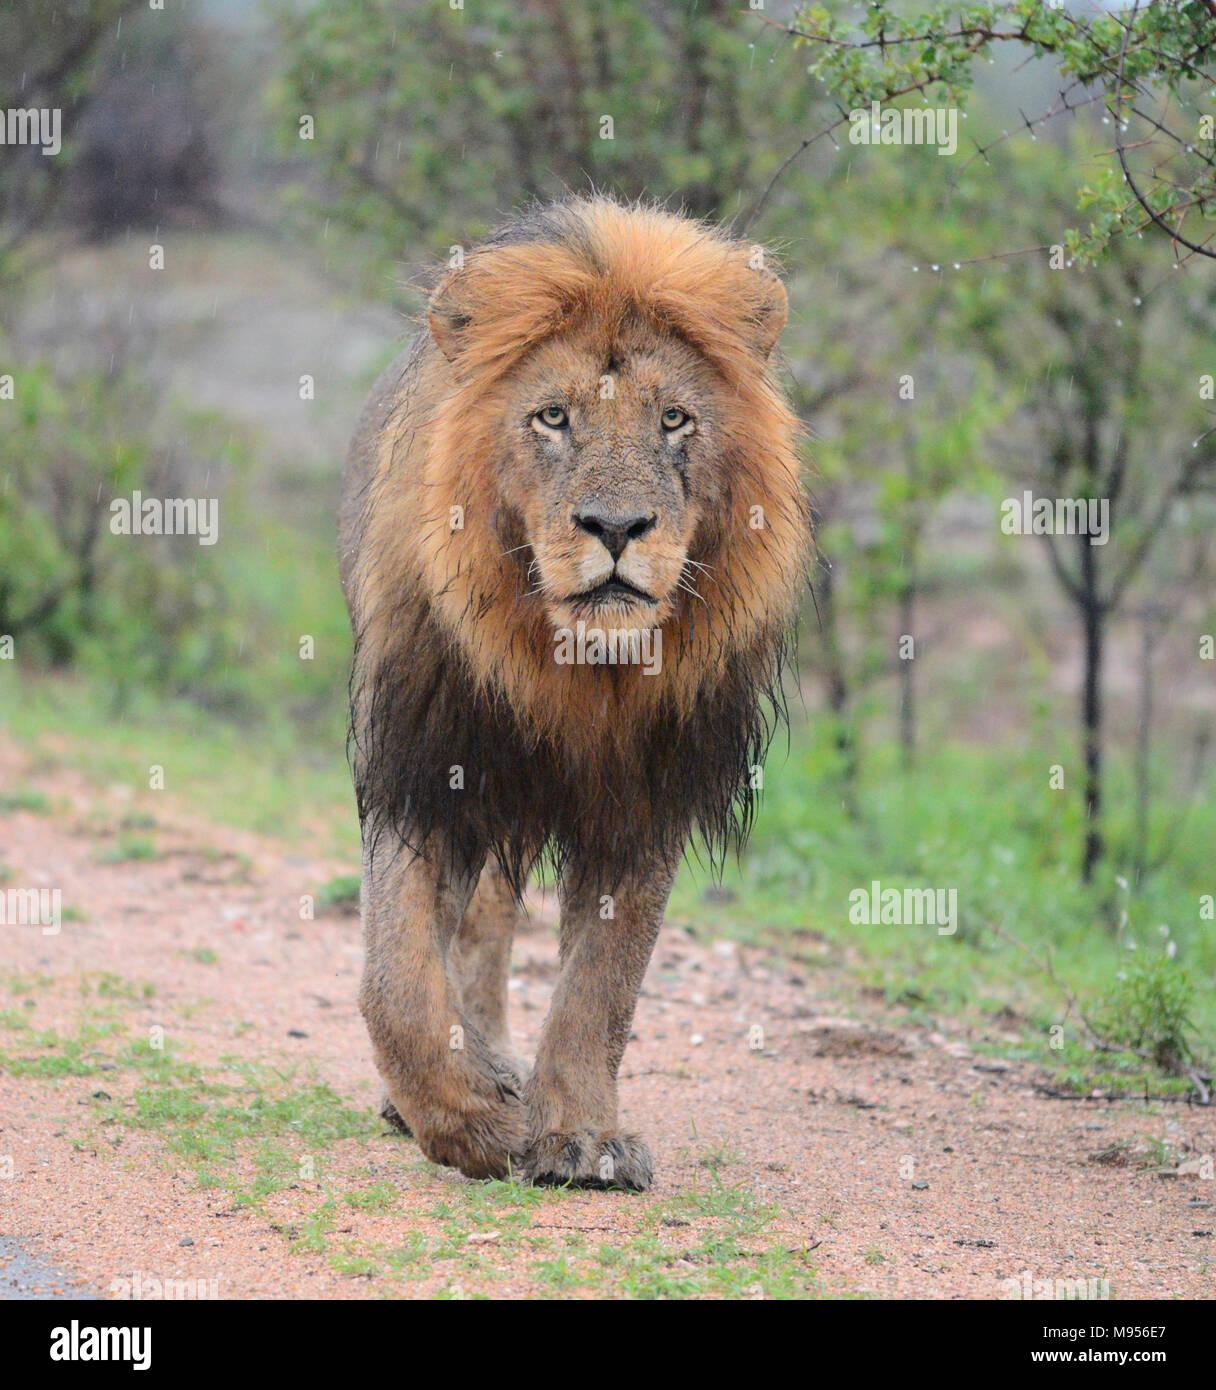 L'Afrique du Sud est une destination touristique populaire pour son mélange de vrai et de l'Afrique de l'expérience. Parc Kruger lion mâle humide close-up. Photo Stock